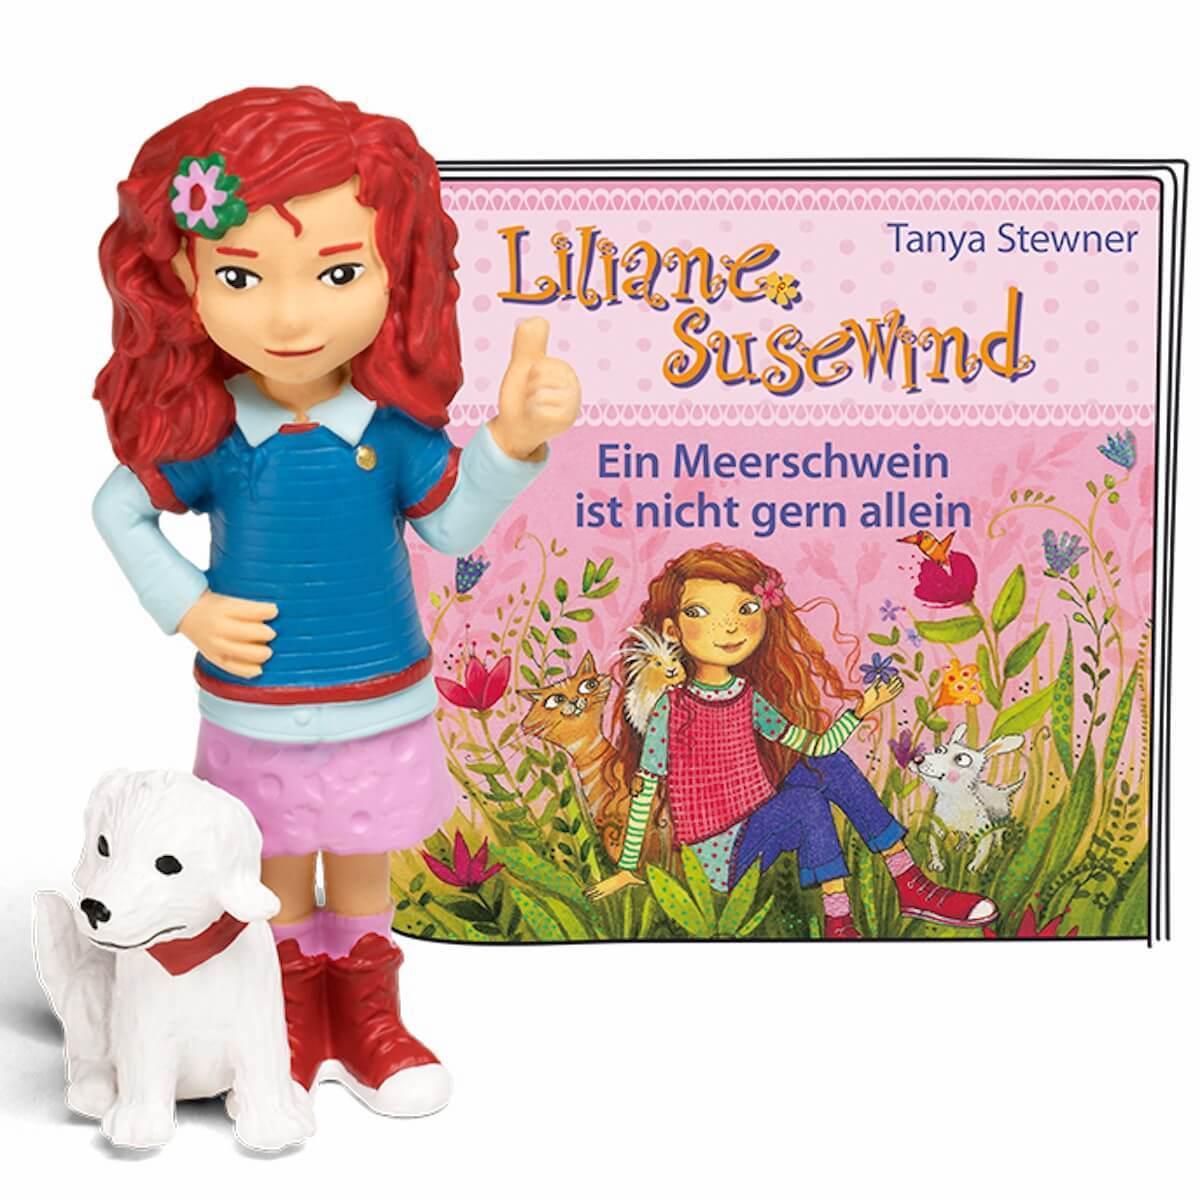 Hörspielfigur TONIES Liliane Susewind Ein Meerschwein ist nicht gern allein